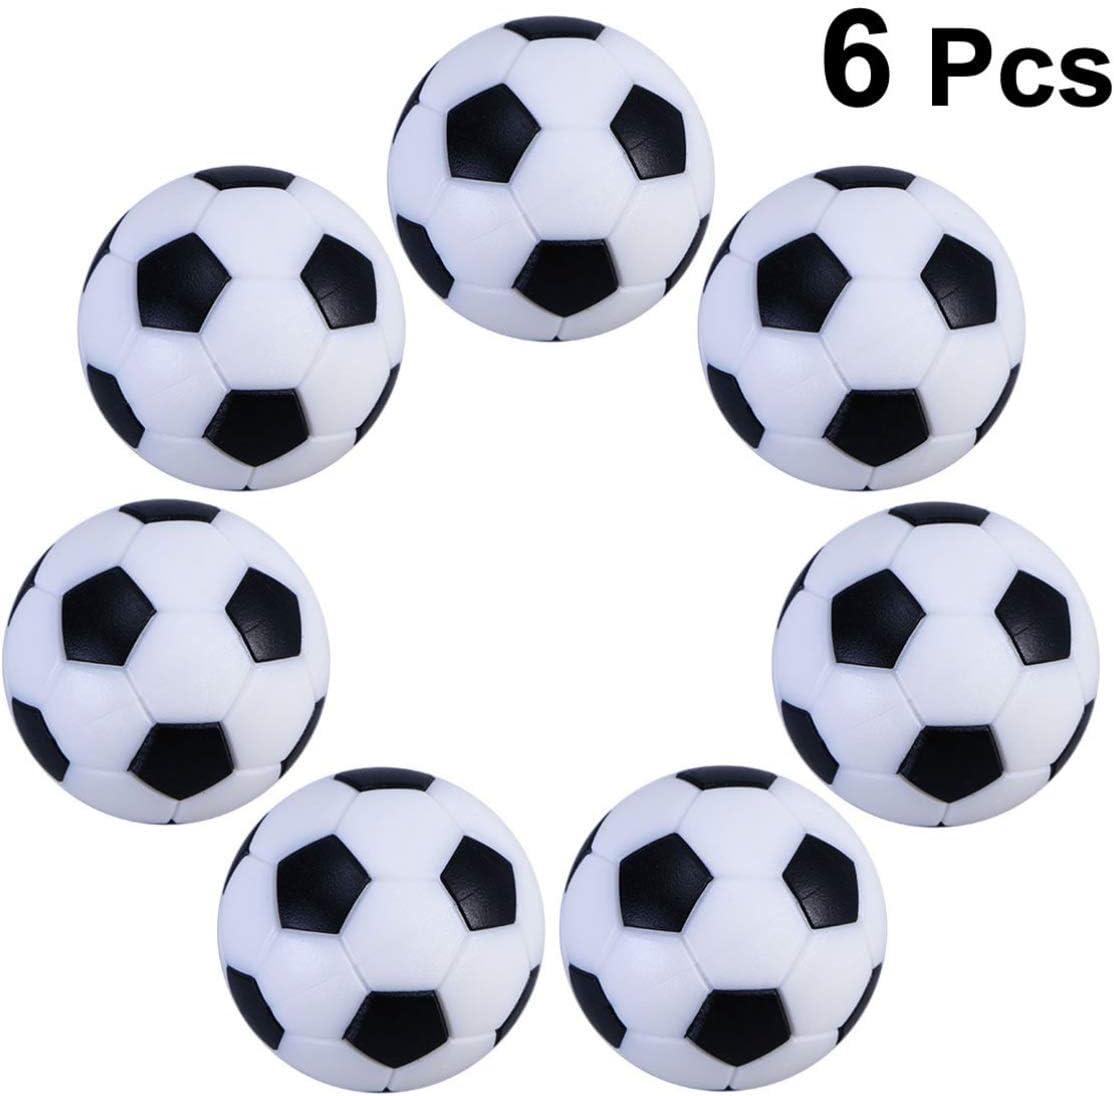 Healifty 6Pcs 32Mm Futbolines de Mesa Futbolín Futbolín Futbolín Futbolín Juego de Plástico Futbolín Futbolín-Negro/Blanco: Amazon.es: Juguetes y juegos